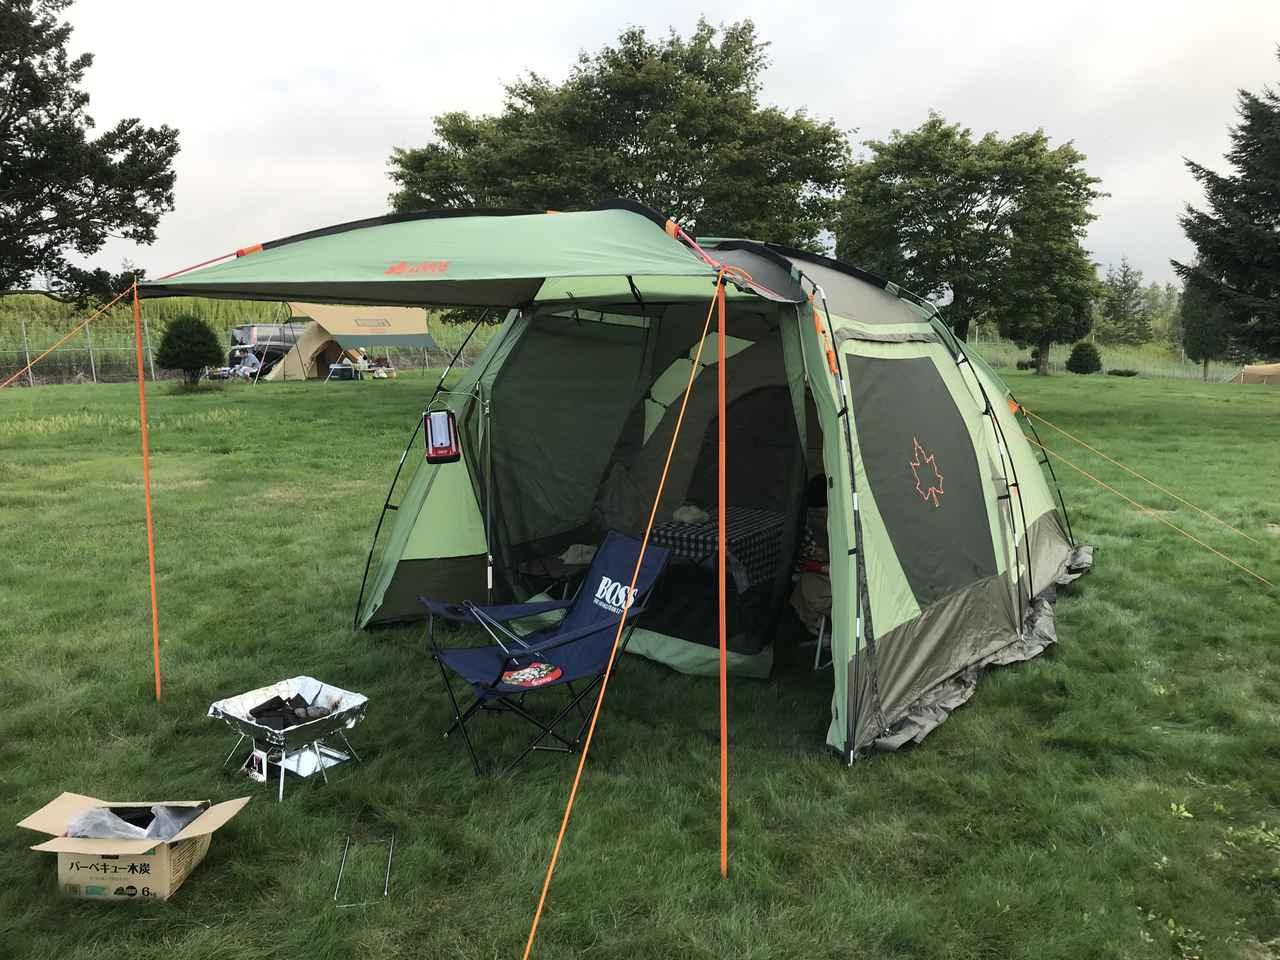 画像: ソロキャンプ用テントの3大要素以外にも?! 価格・設営のしやすさなど 自分にフィットするテントを選ぼう